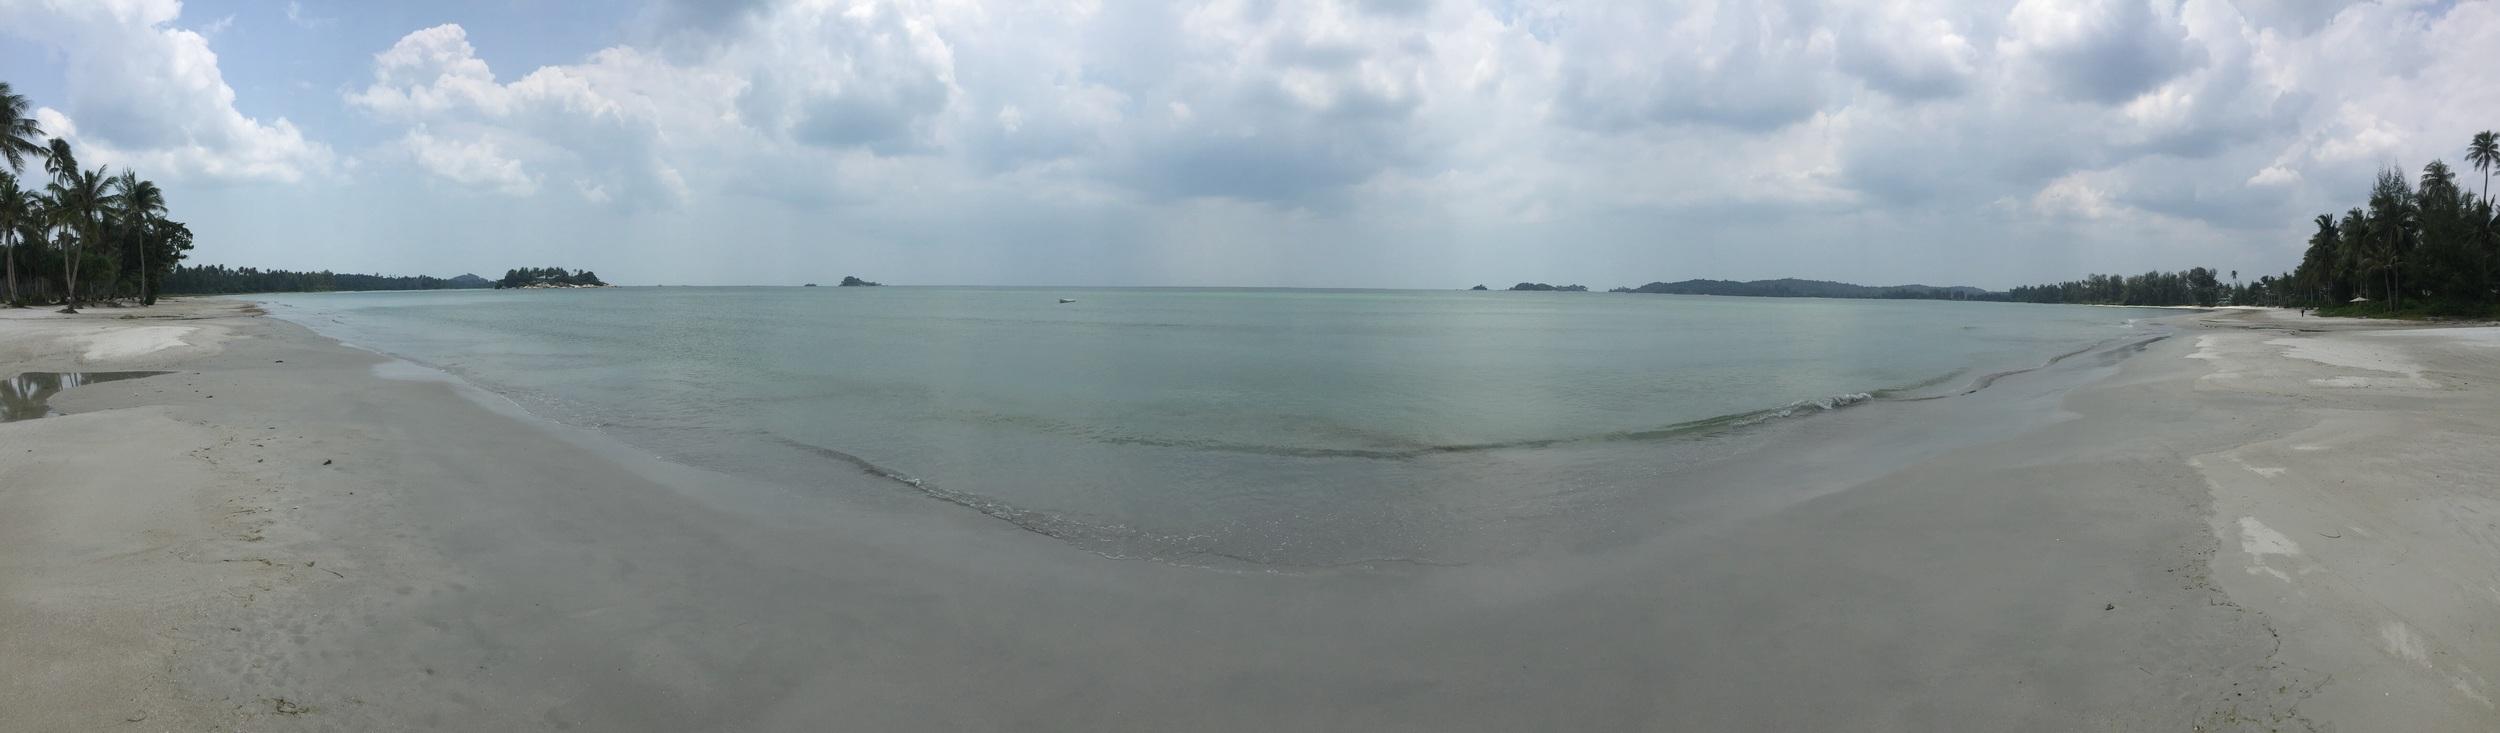 The beach at Bintan.